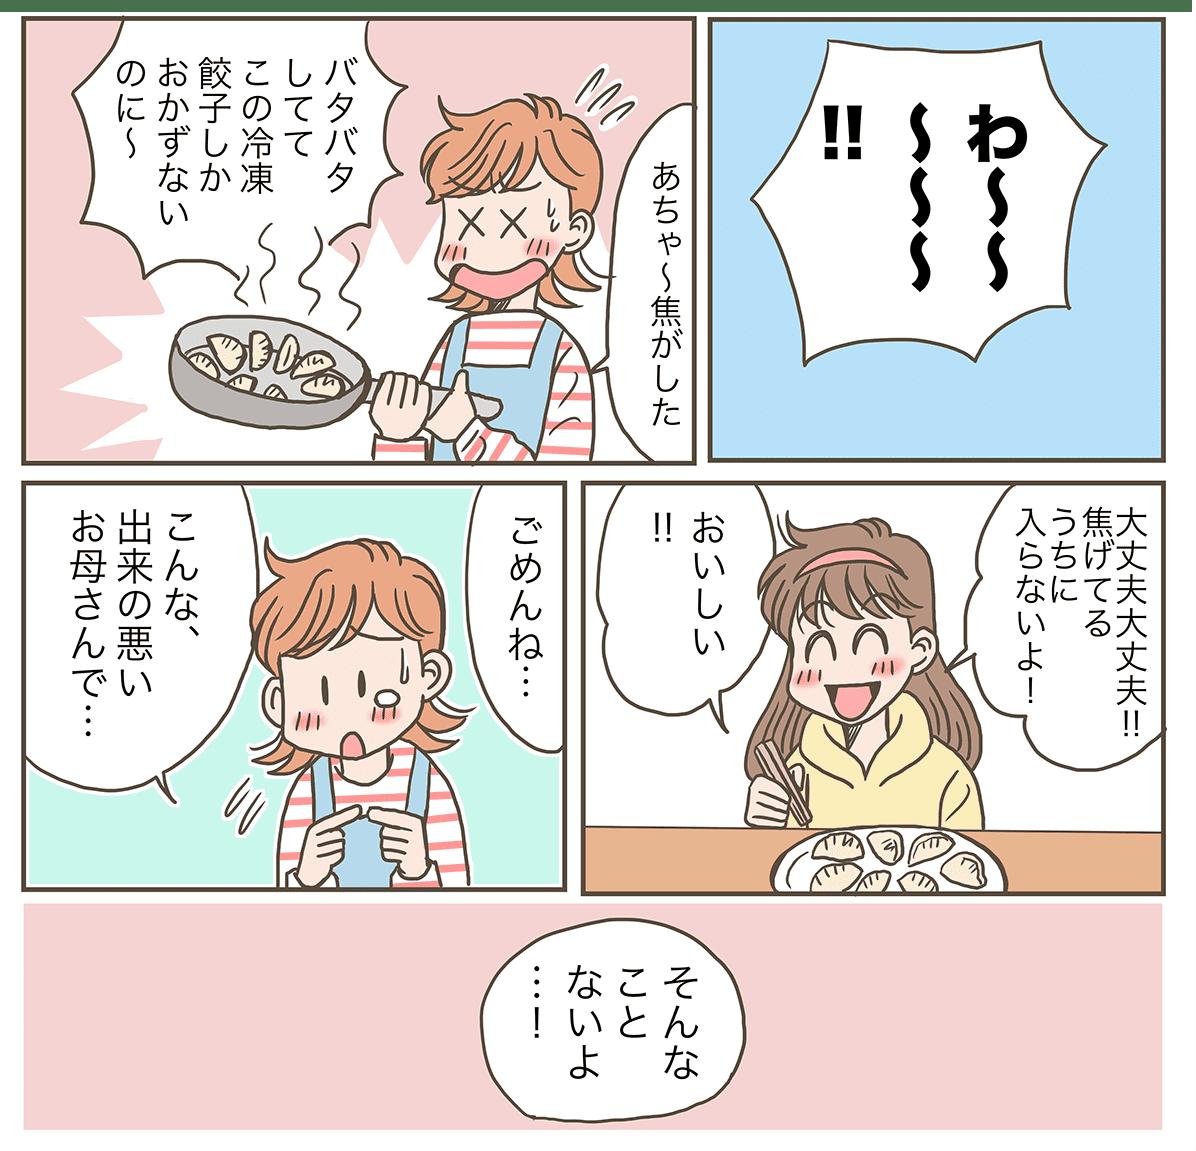 思春期の娘の話_003_02